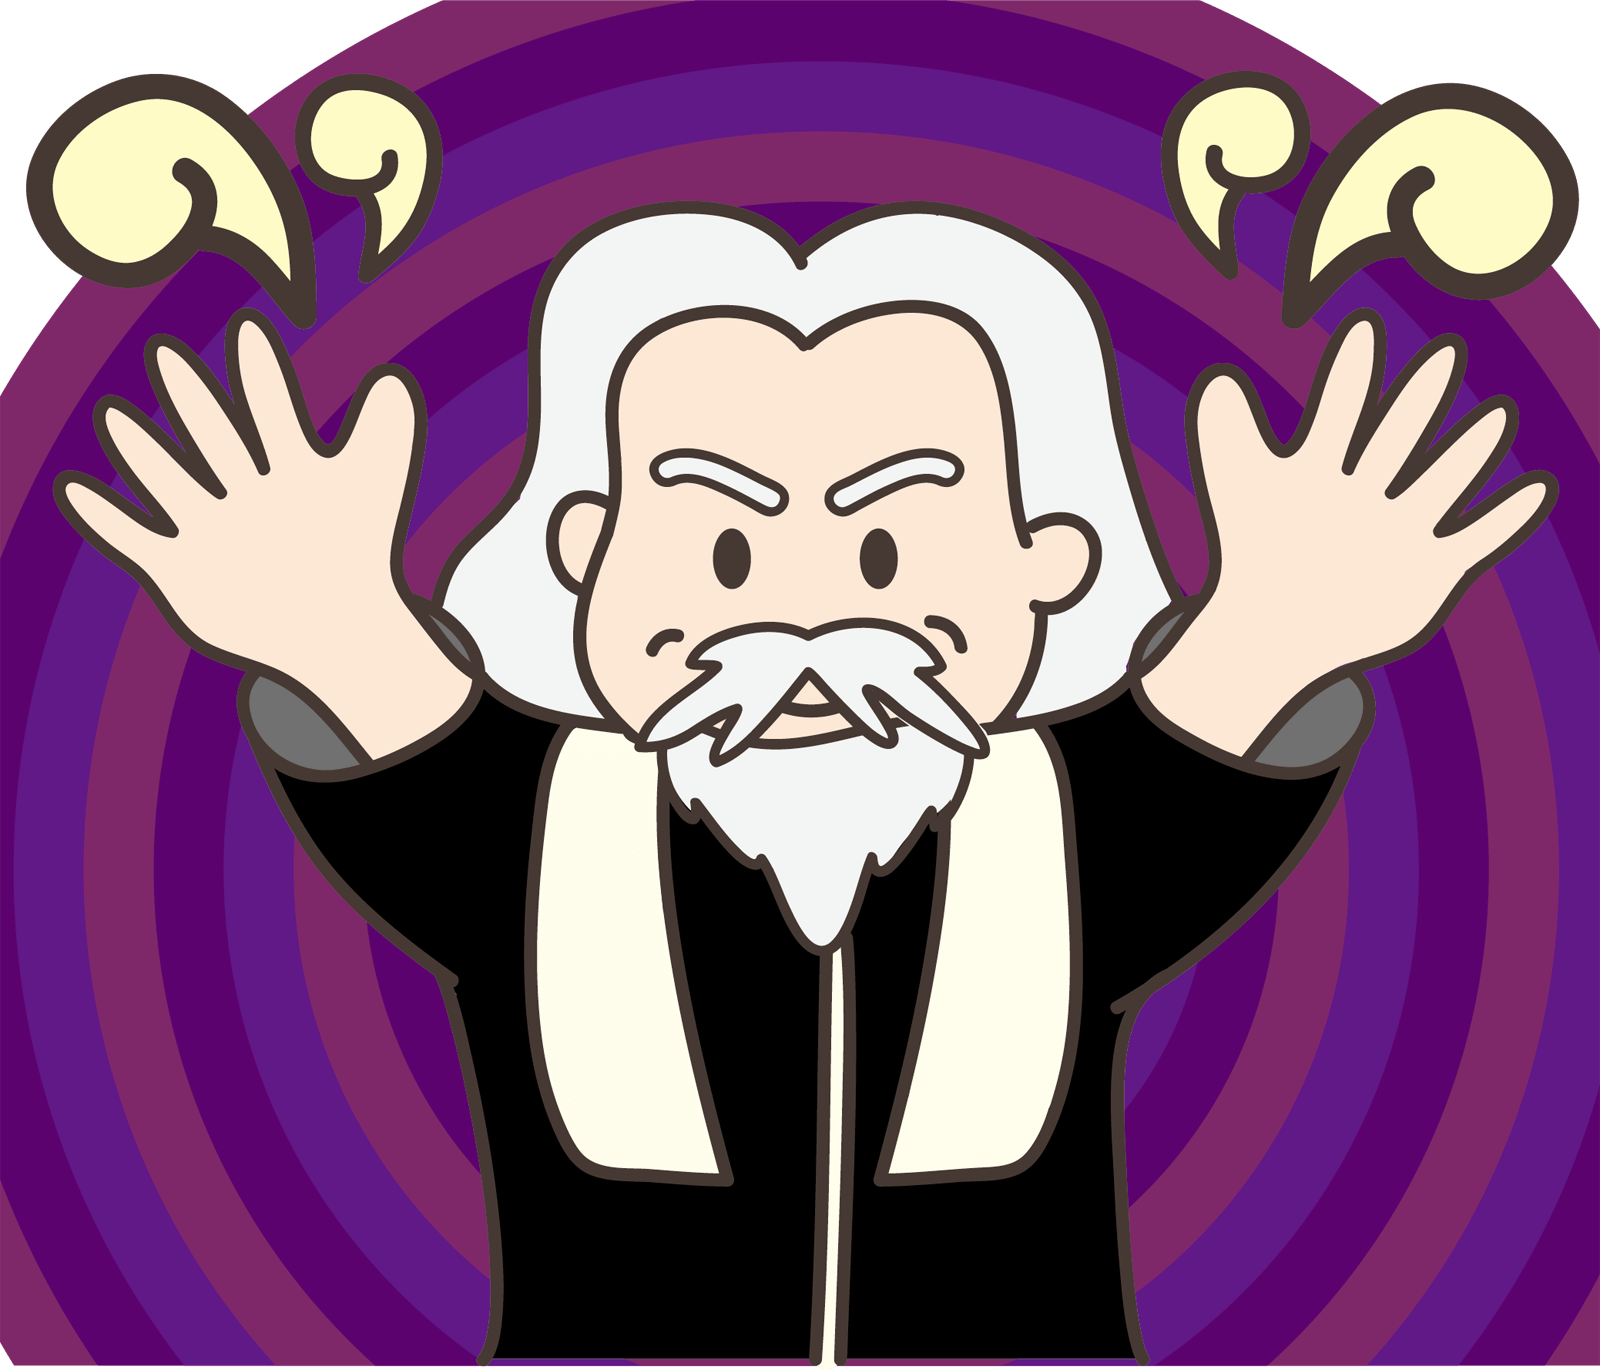 催眠術師のイラスト